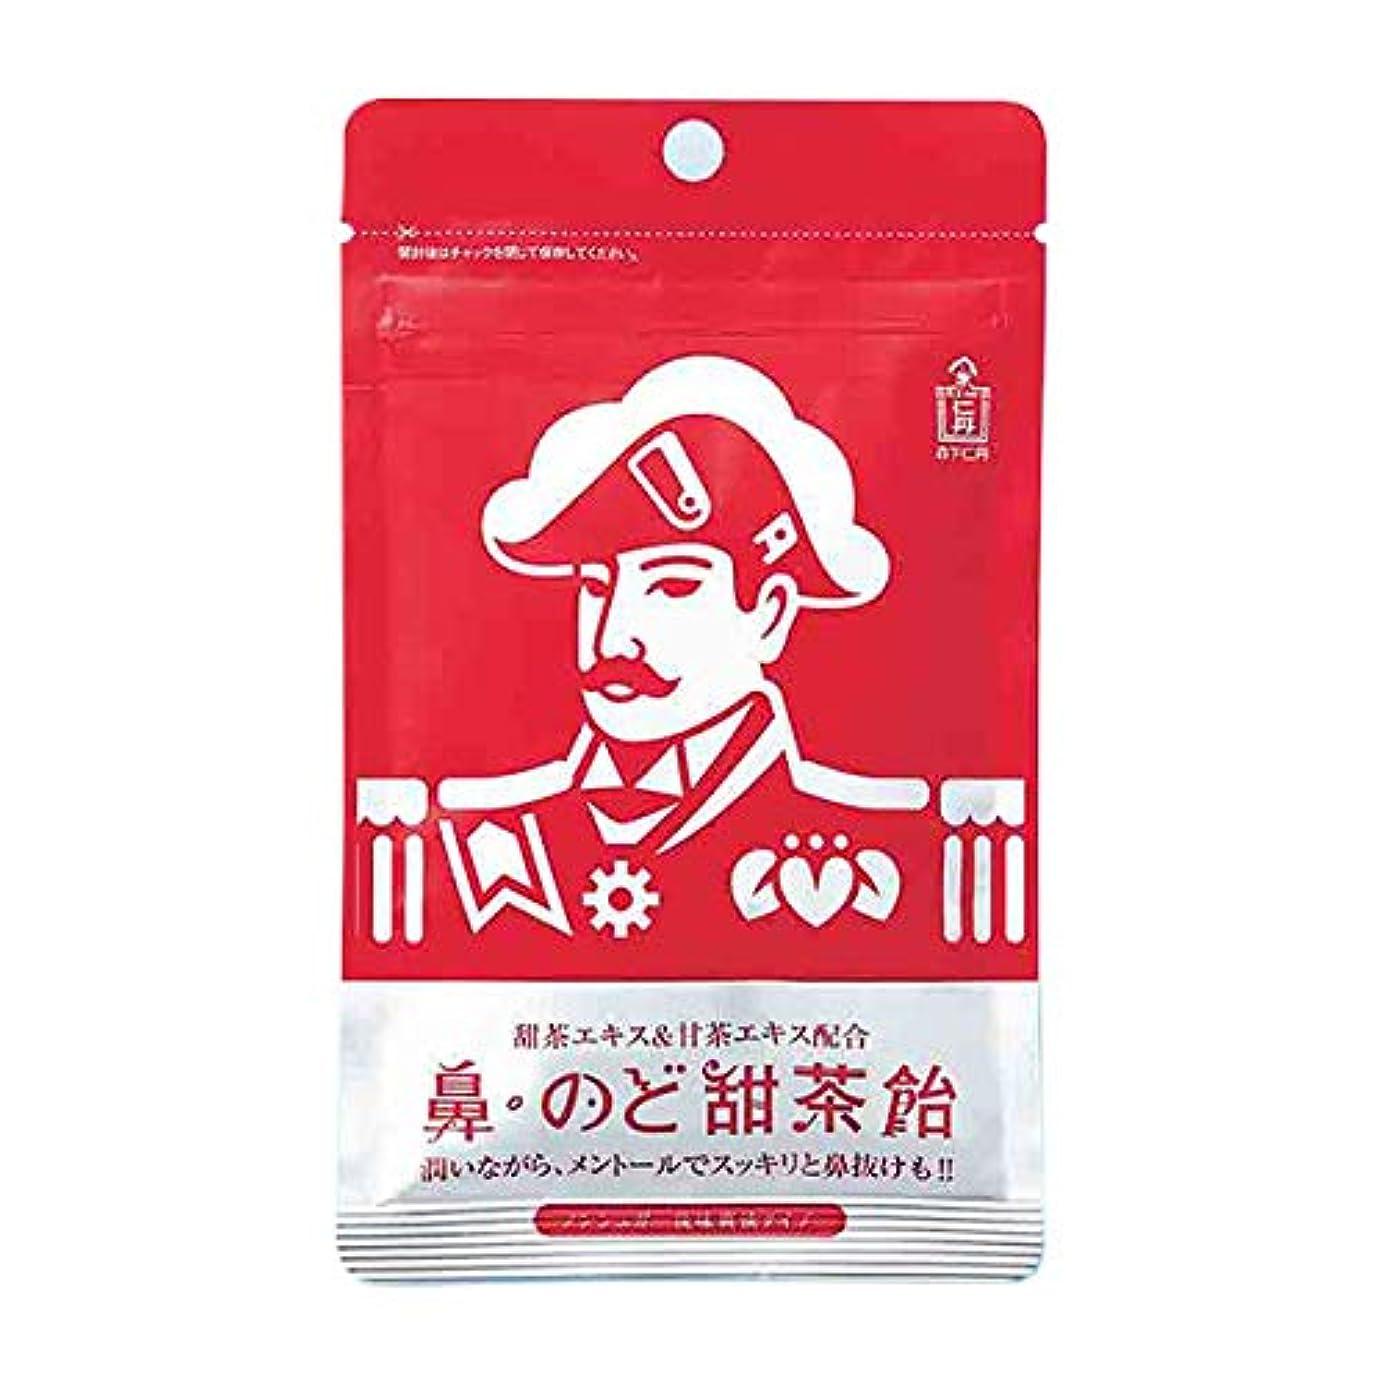 ライナー文明化する導出森下仁丹 鼻?のど甜茶飴 1袋 のど飴 ノンシュガー